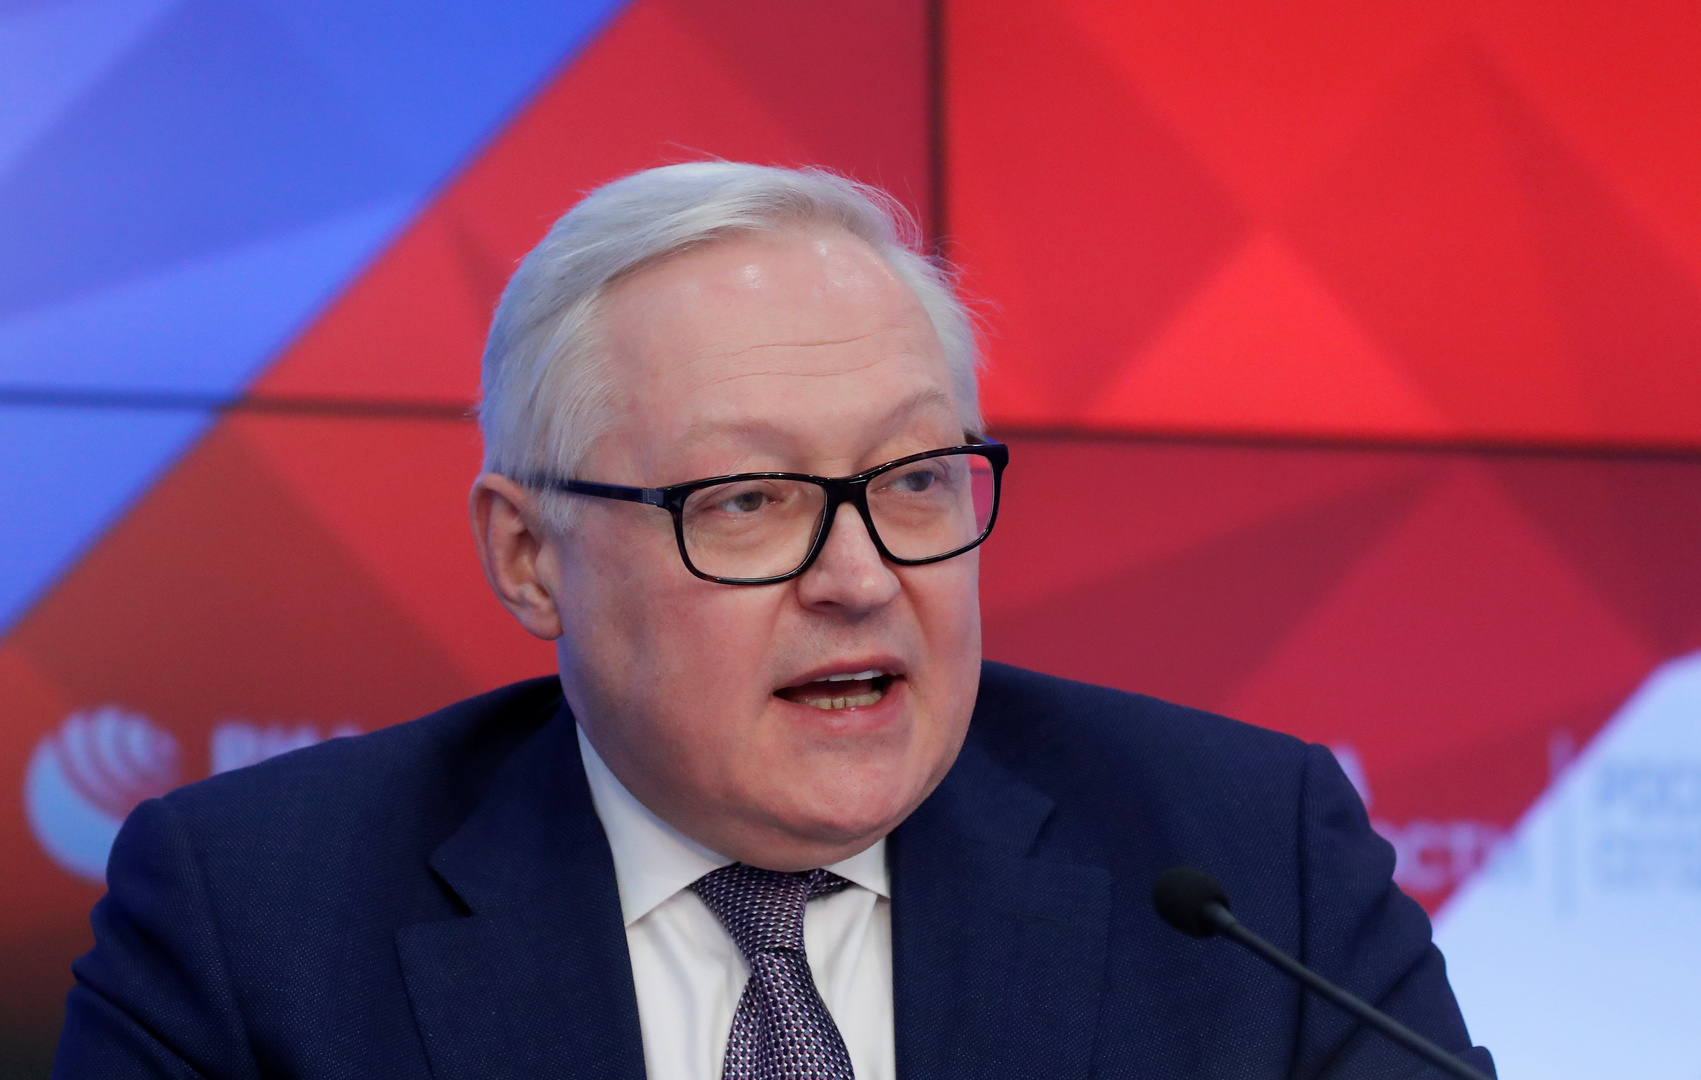 ريابكوف: تفعيل الثلاثي الأوروبي آلية فض النزاع في الاتفاق النووي الإيراني يهدد بانهياره